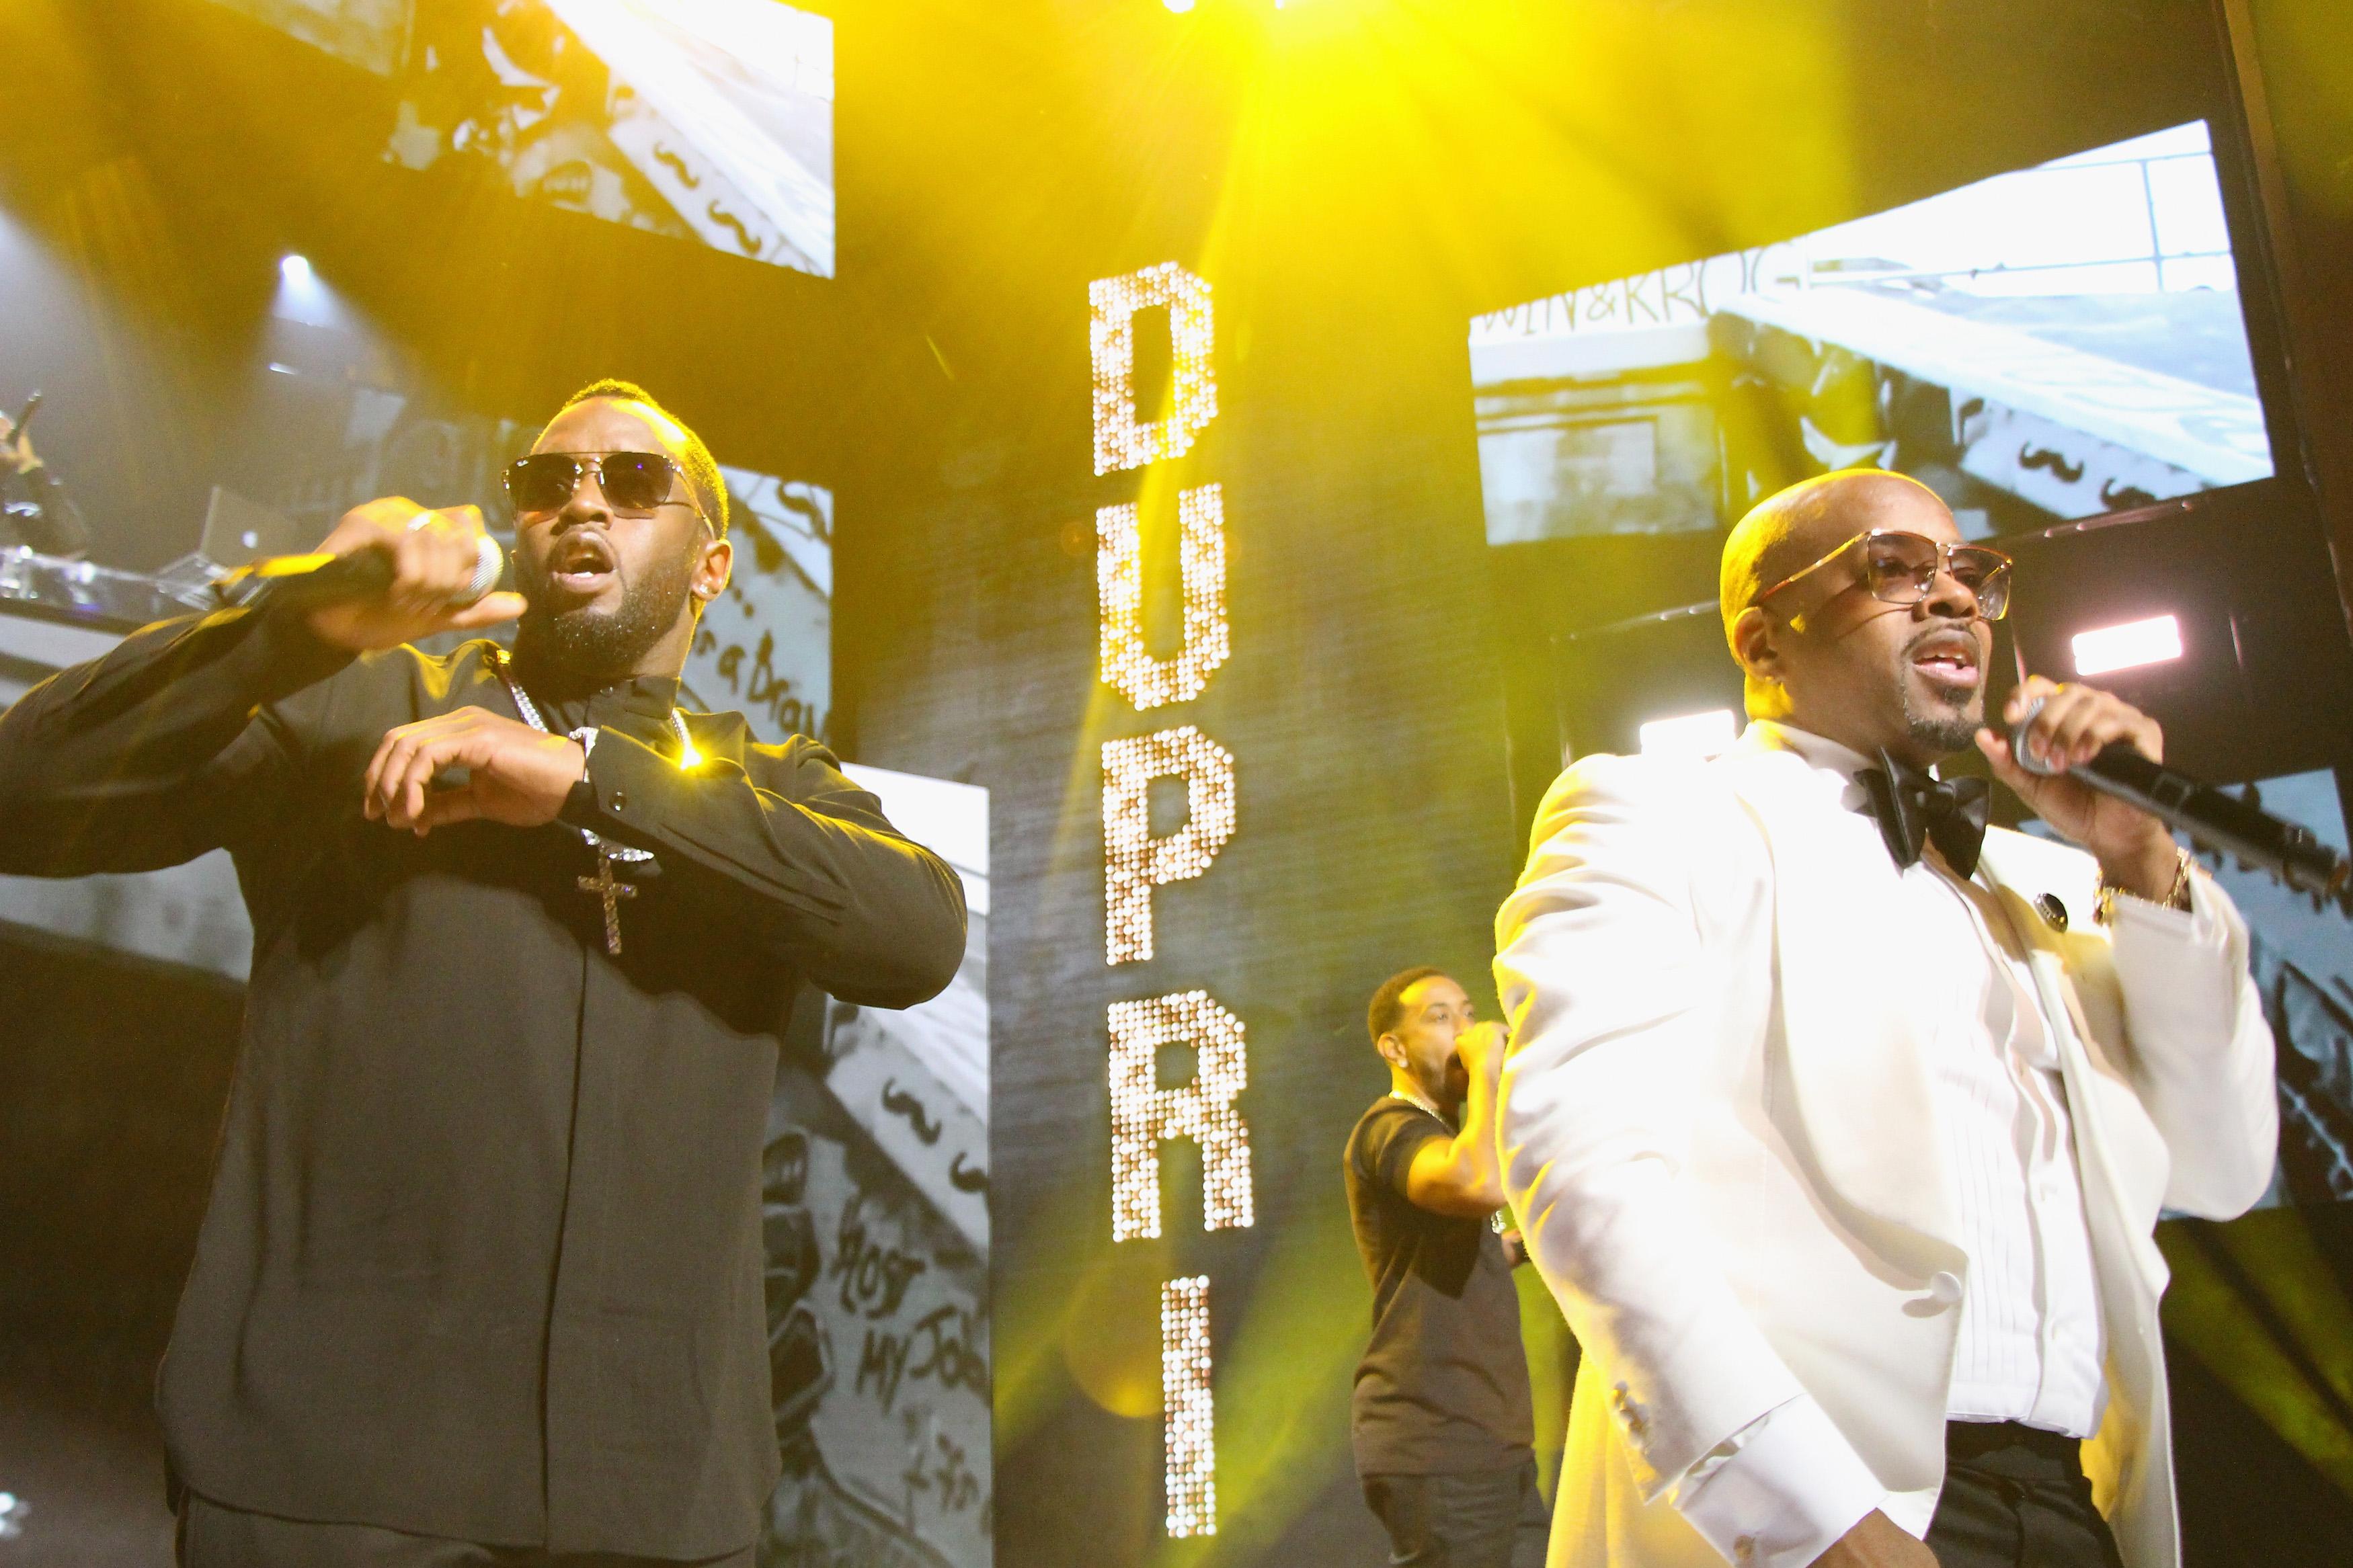 Diddy/ Jermaine Dupri